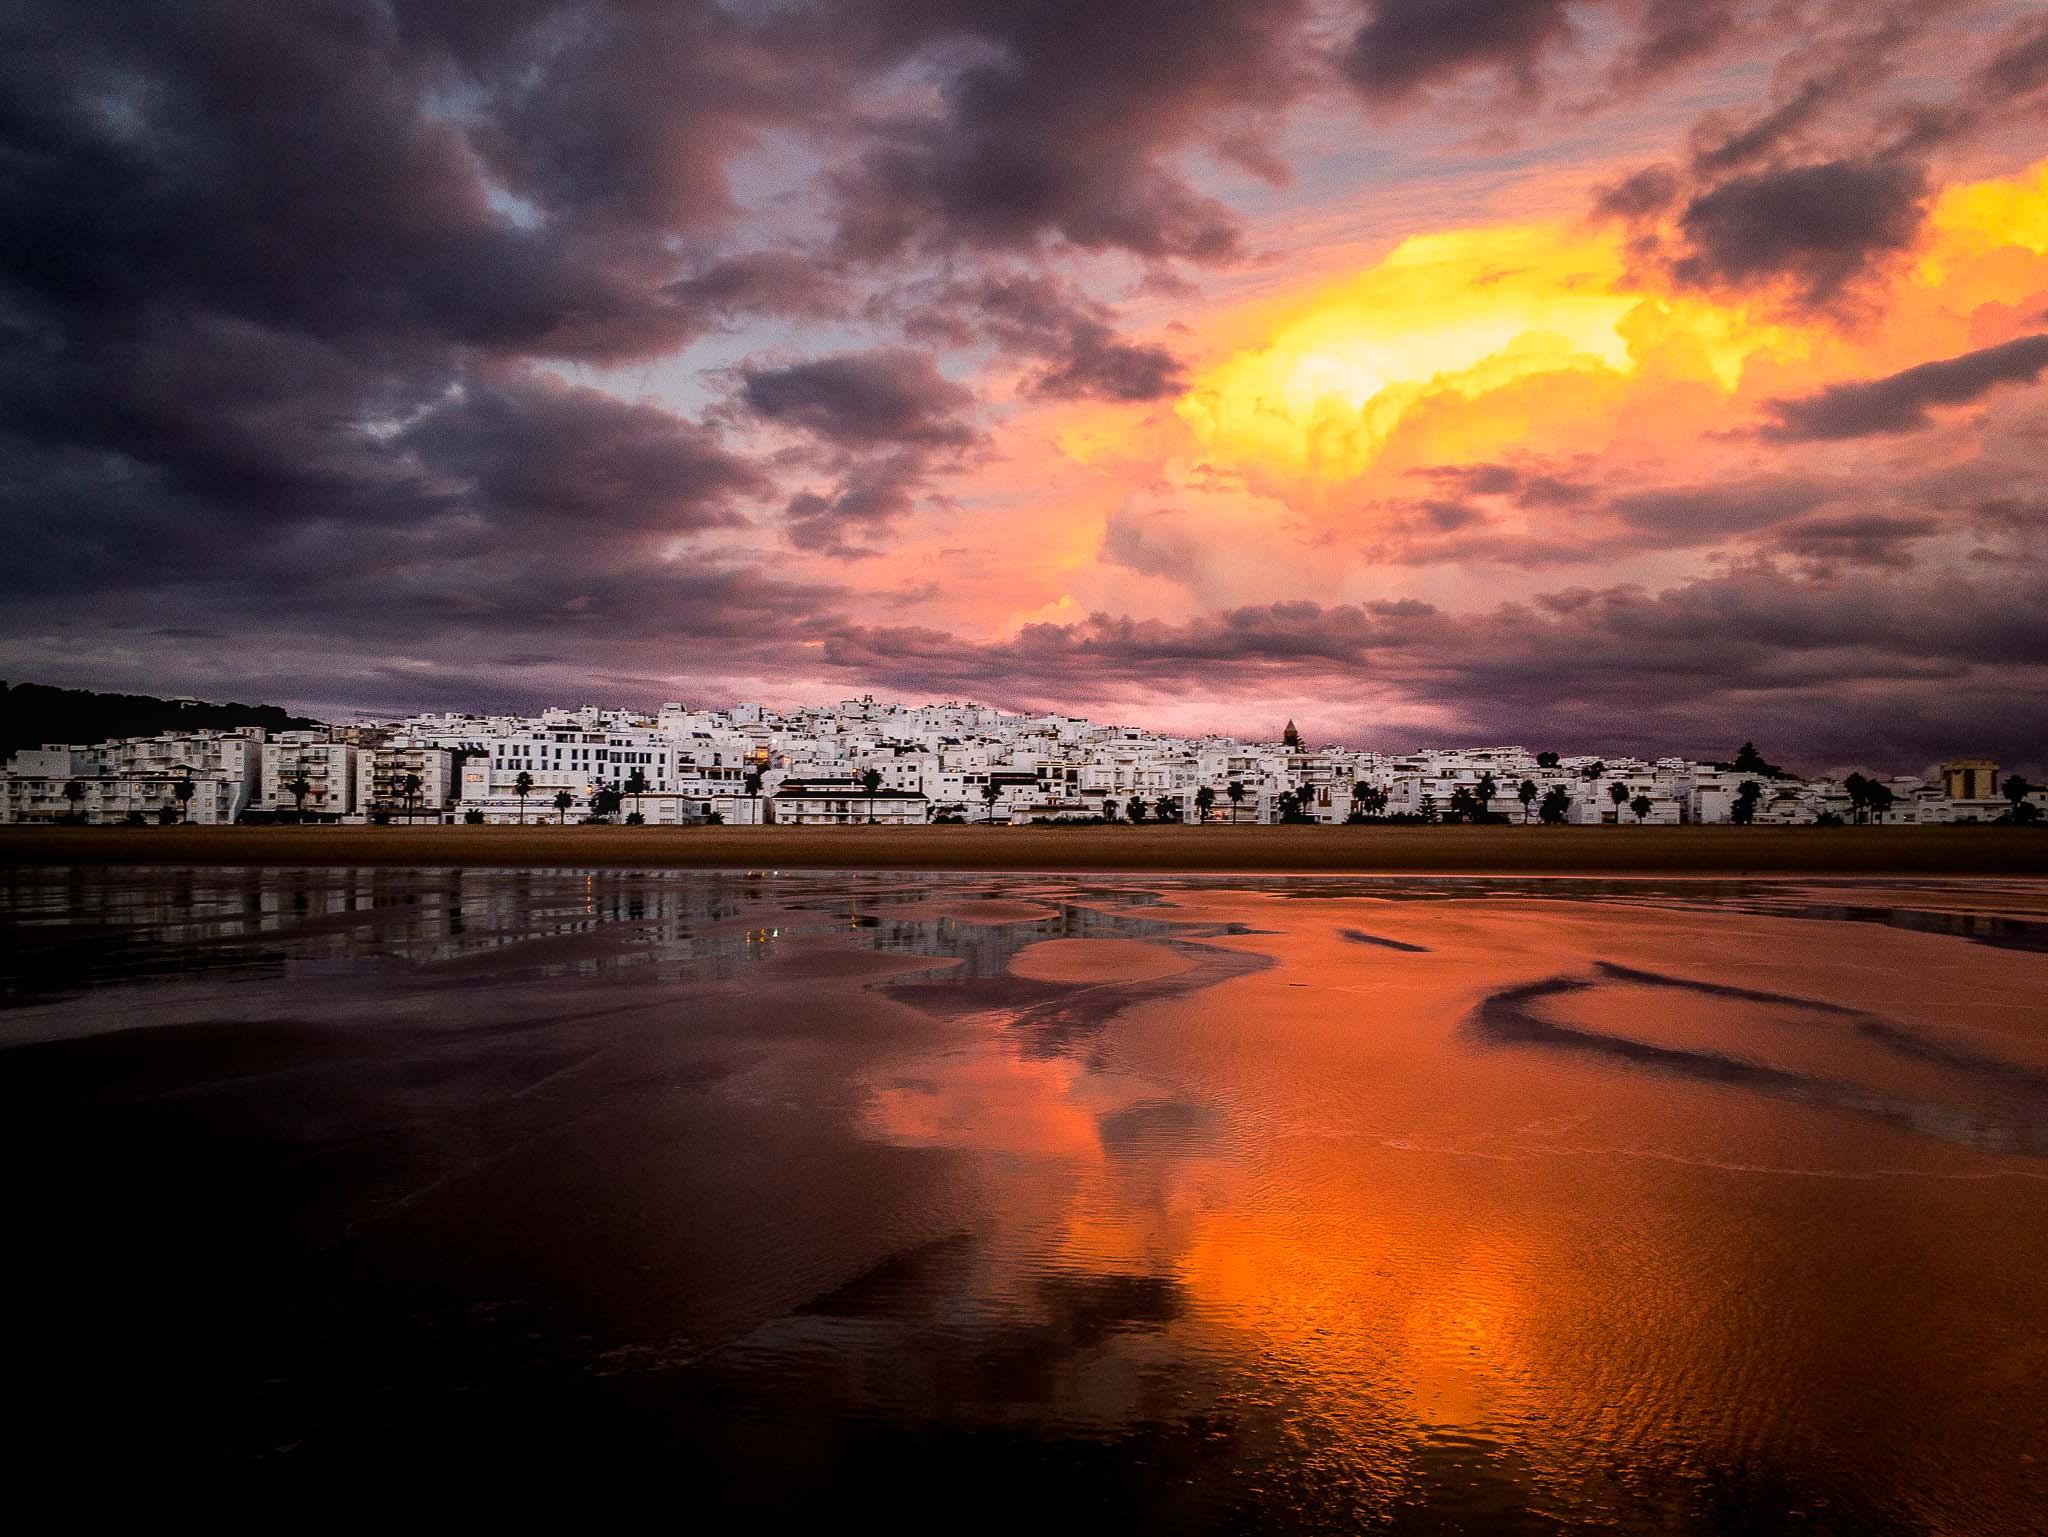 Widok na miasto Conil de la Frontera, Hiszpania, Andaluzja